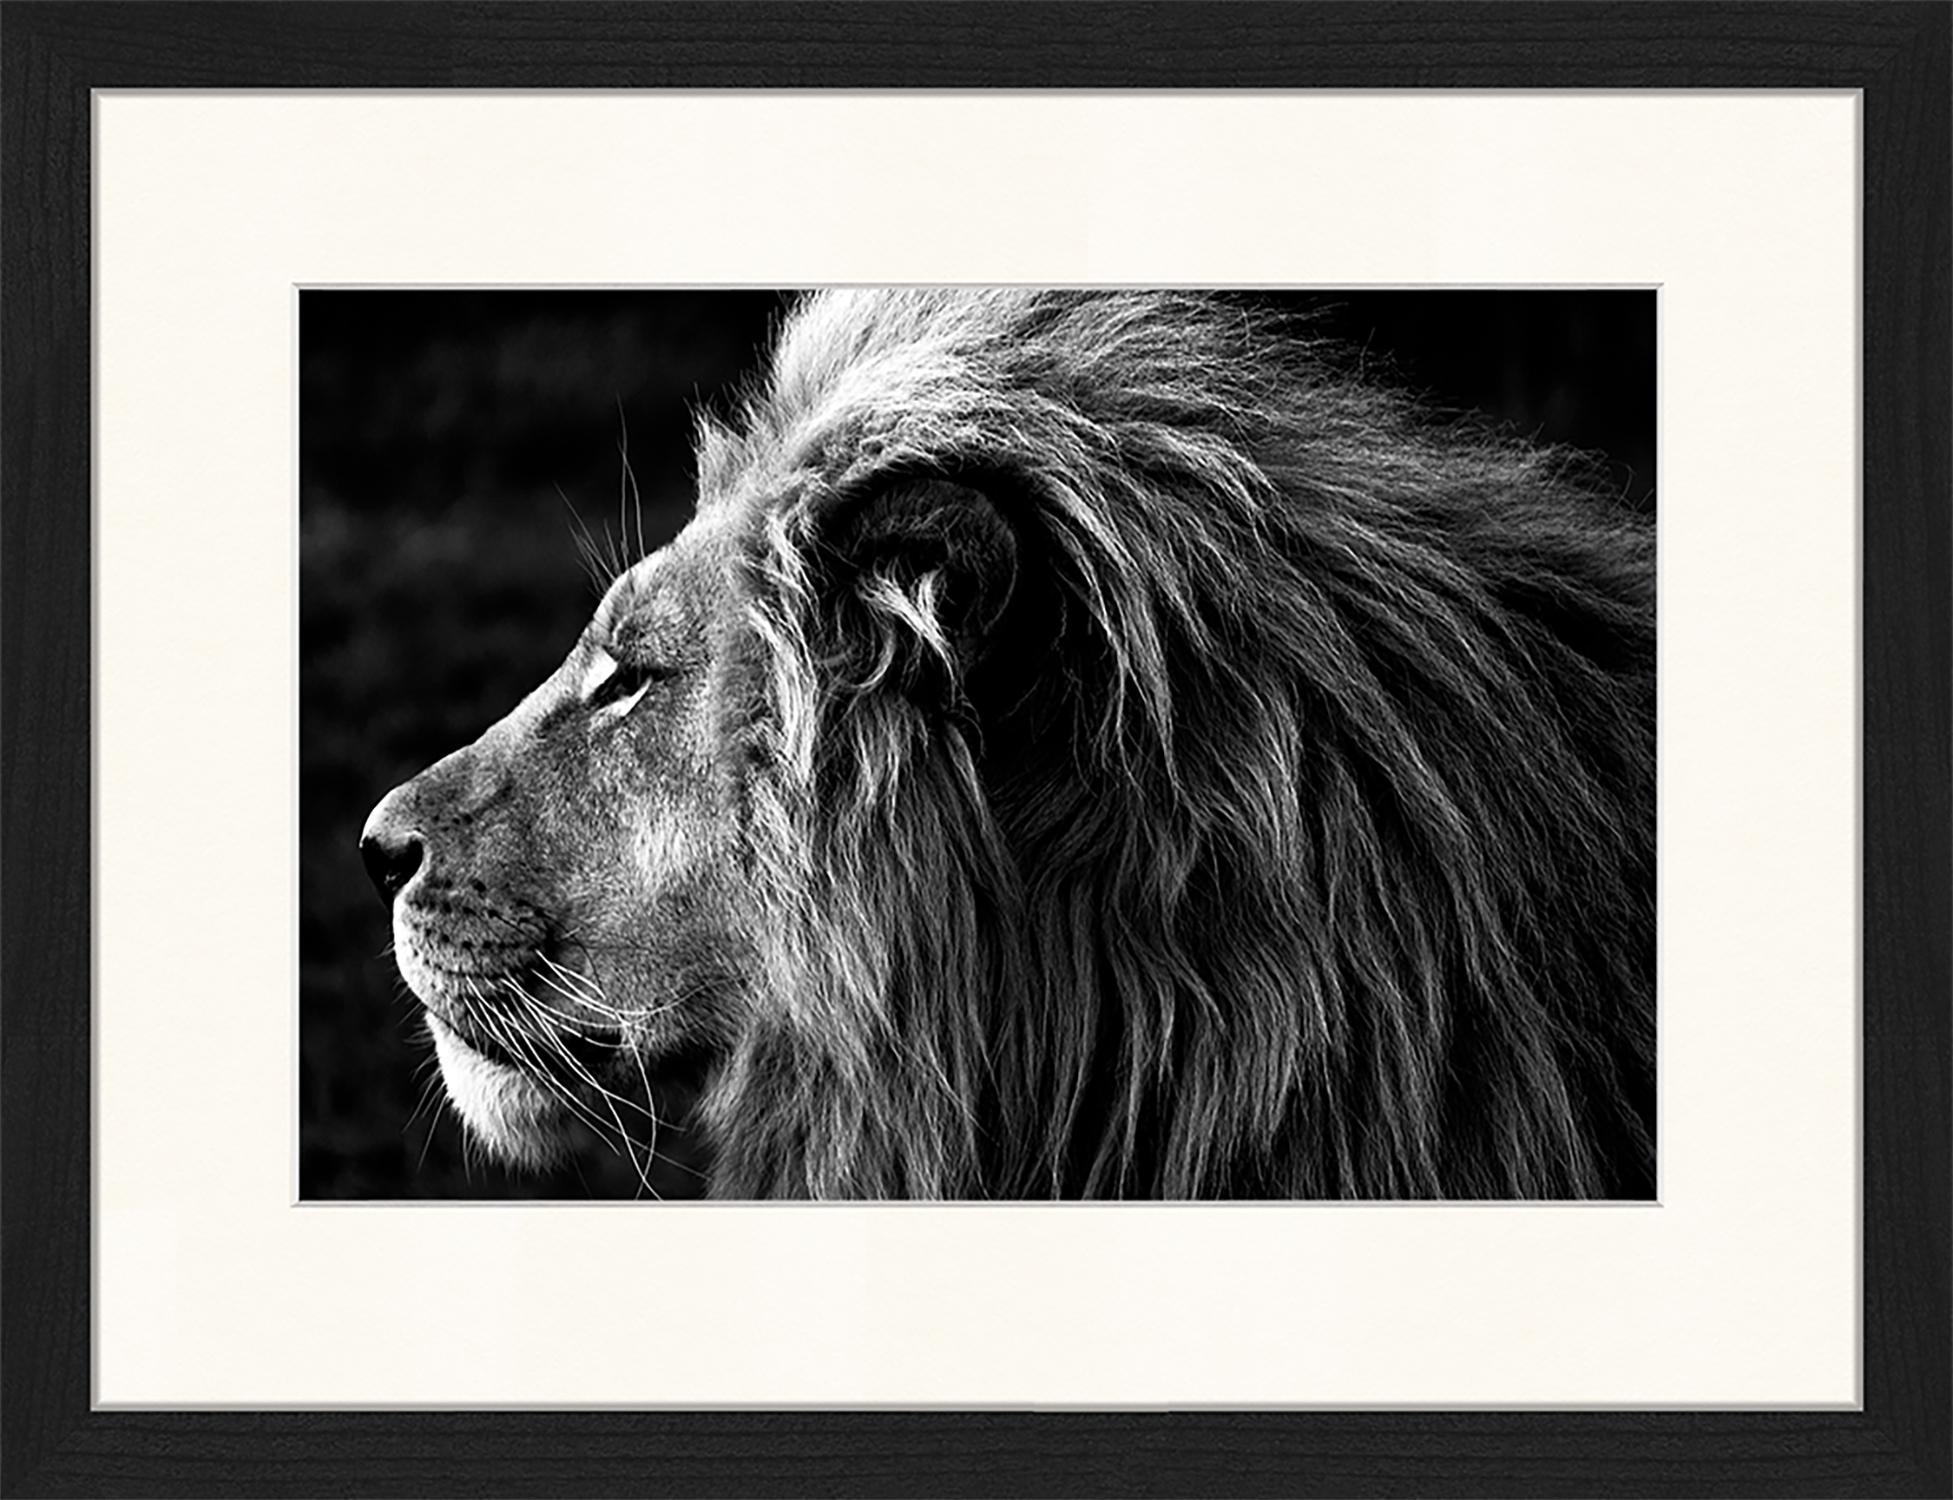 Gerahmter Digitaldruck Lose-Up Of A Lion, Bild: Digitaldruck auf Papier, , Rahmen: Holz, lackiert, Front: Plexiglas, Schwarz, Weiß, 43 x 33 cm